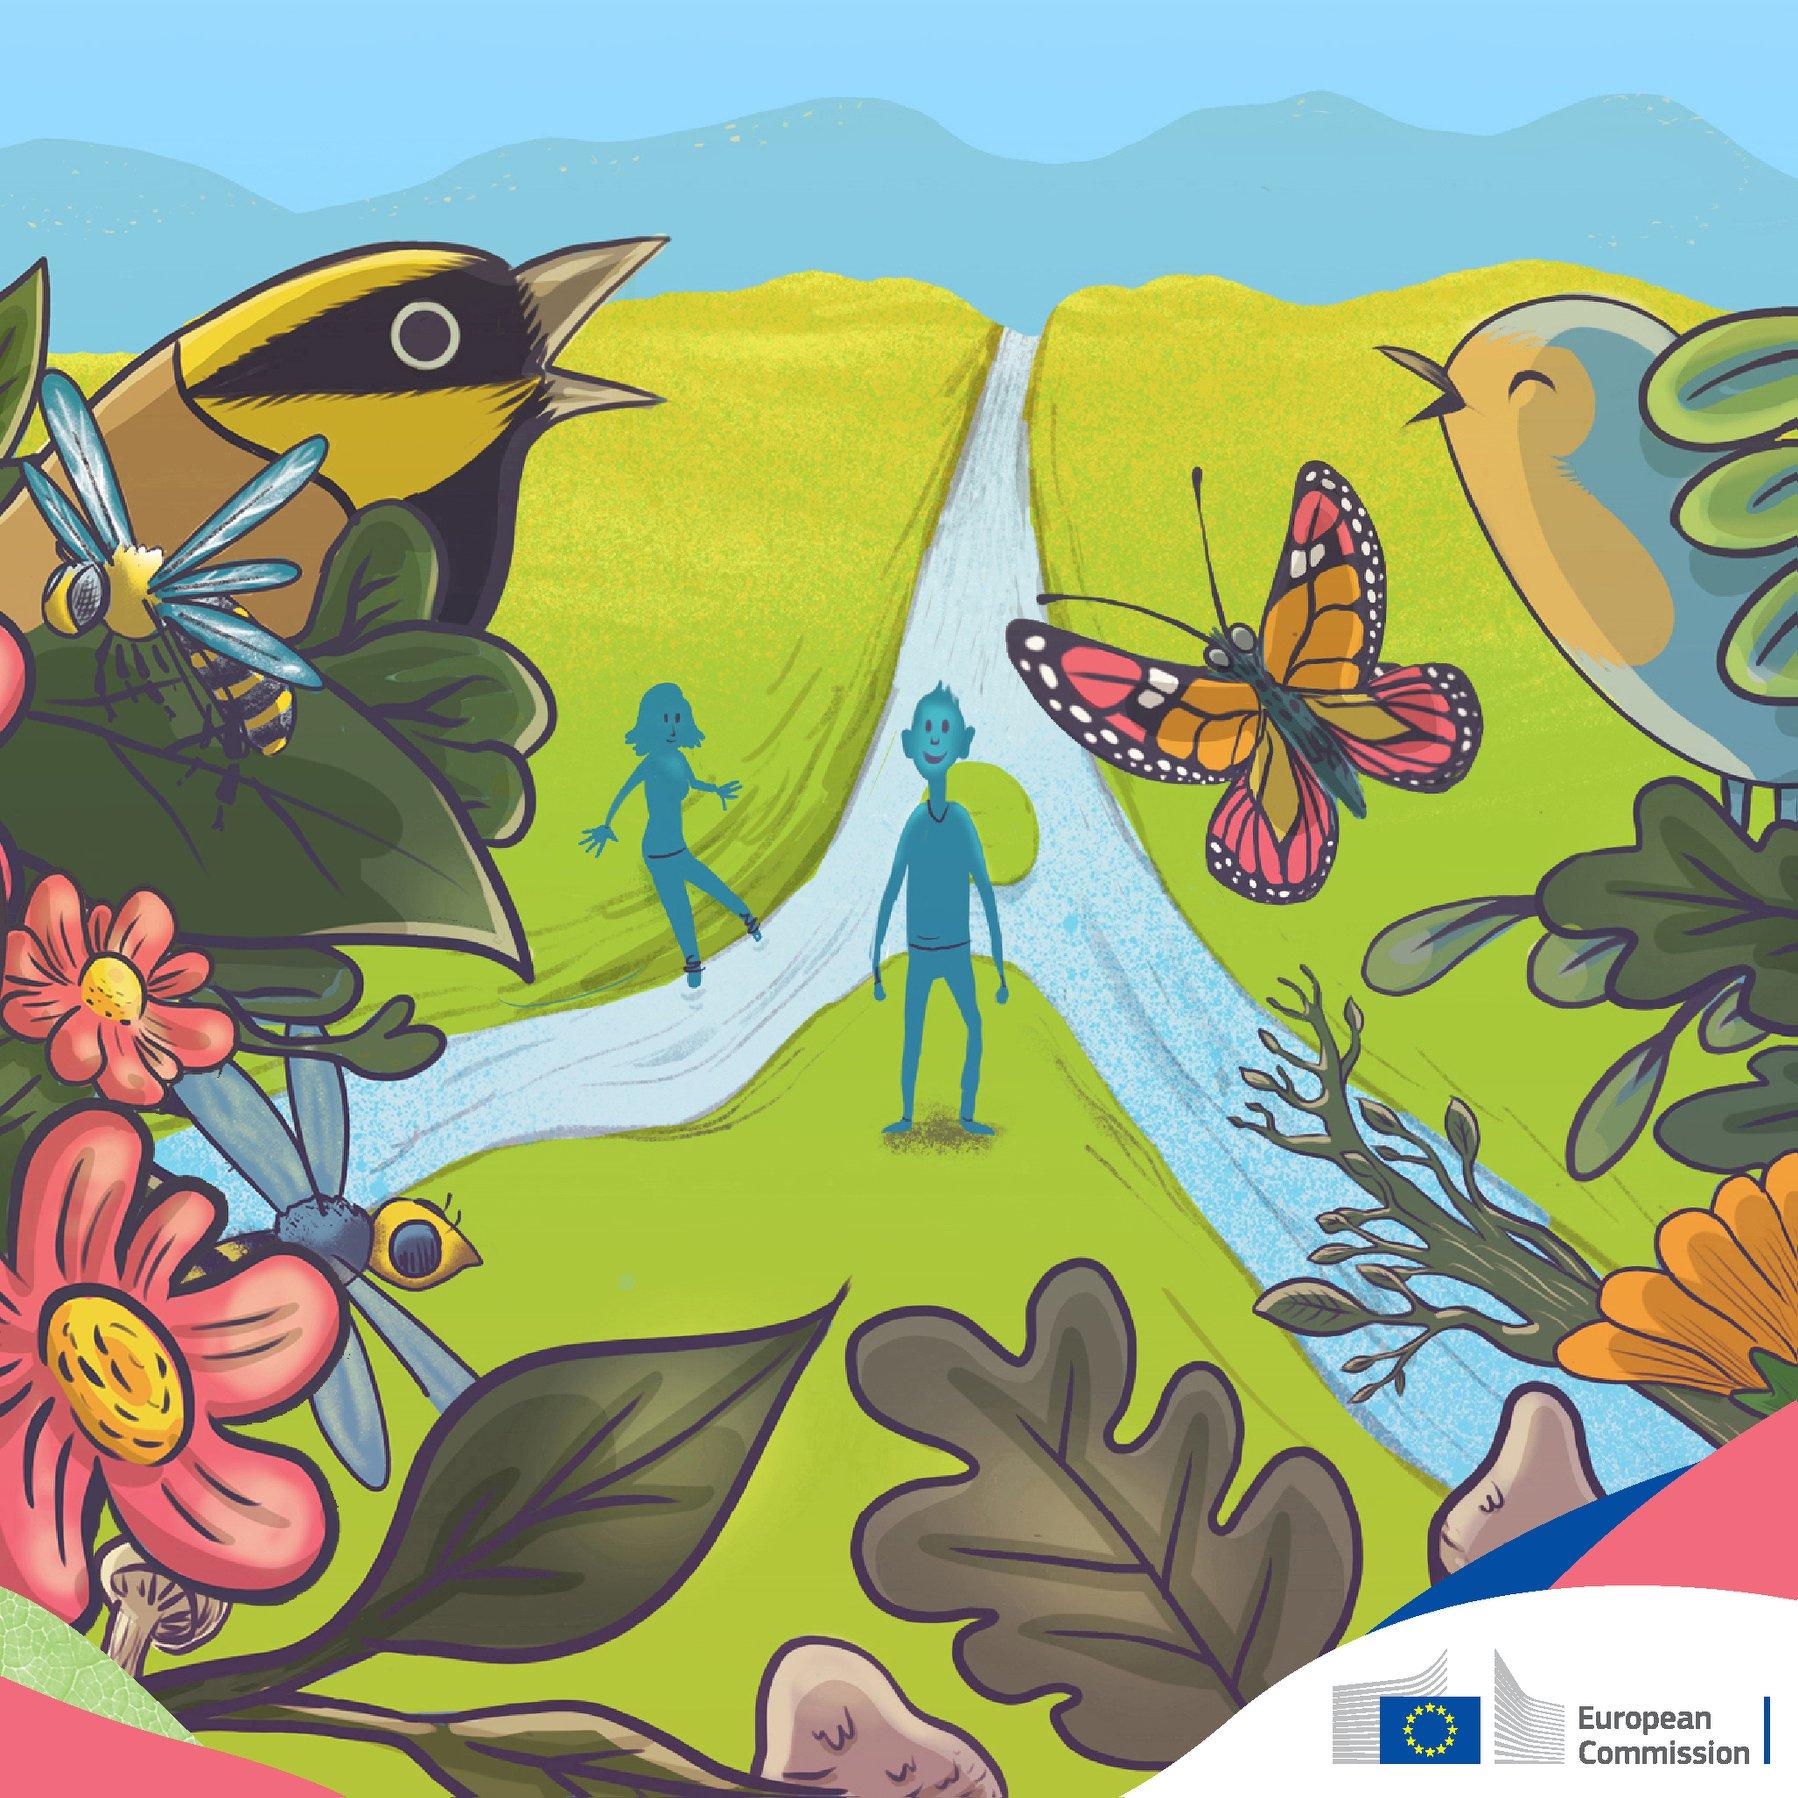 ЕК публикува всеобхватна нова Стратегия за биологичното разнообразие 2030